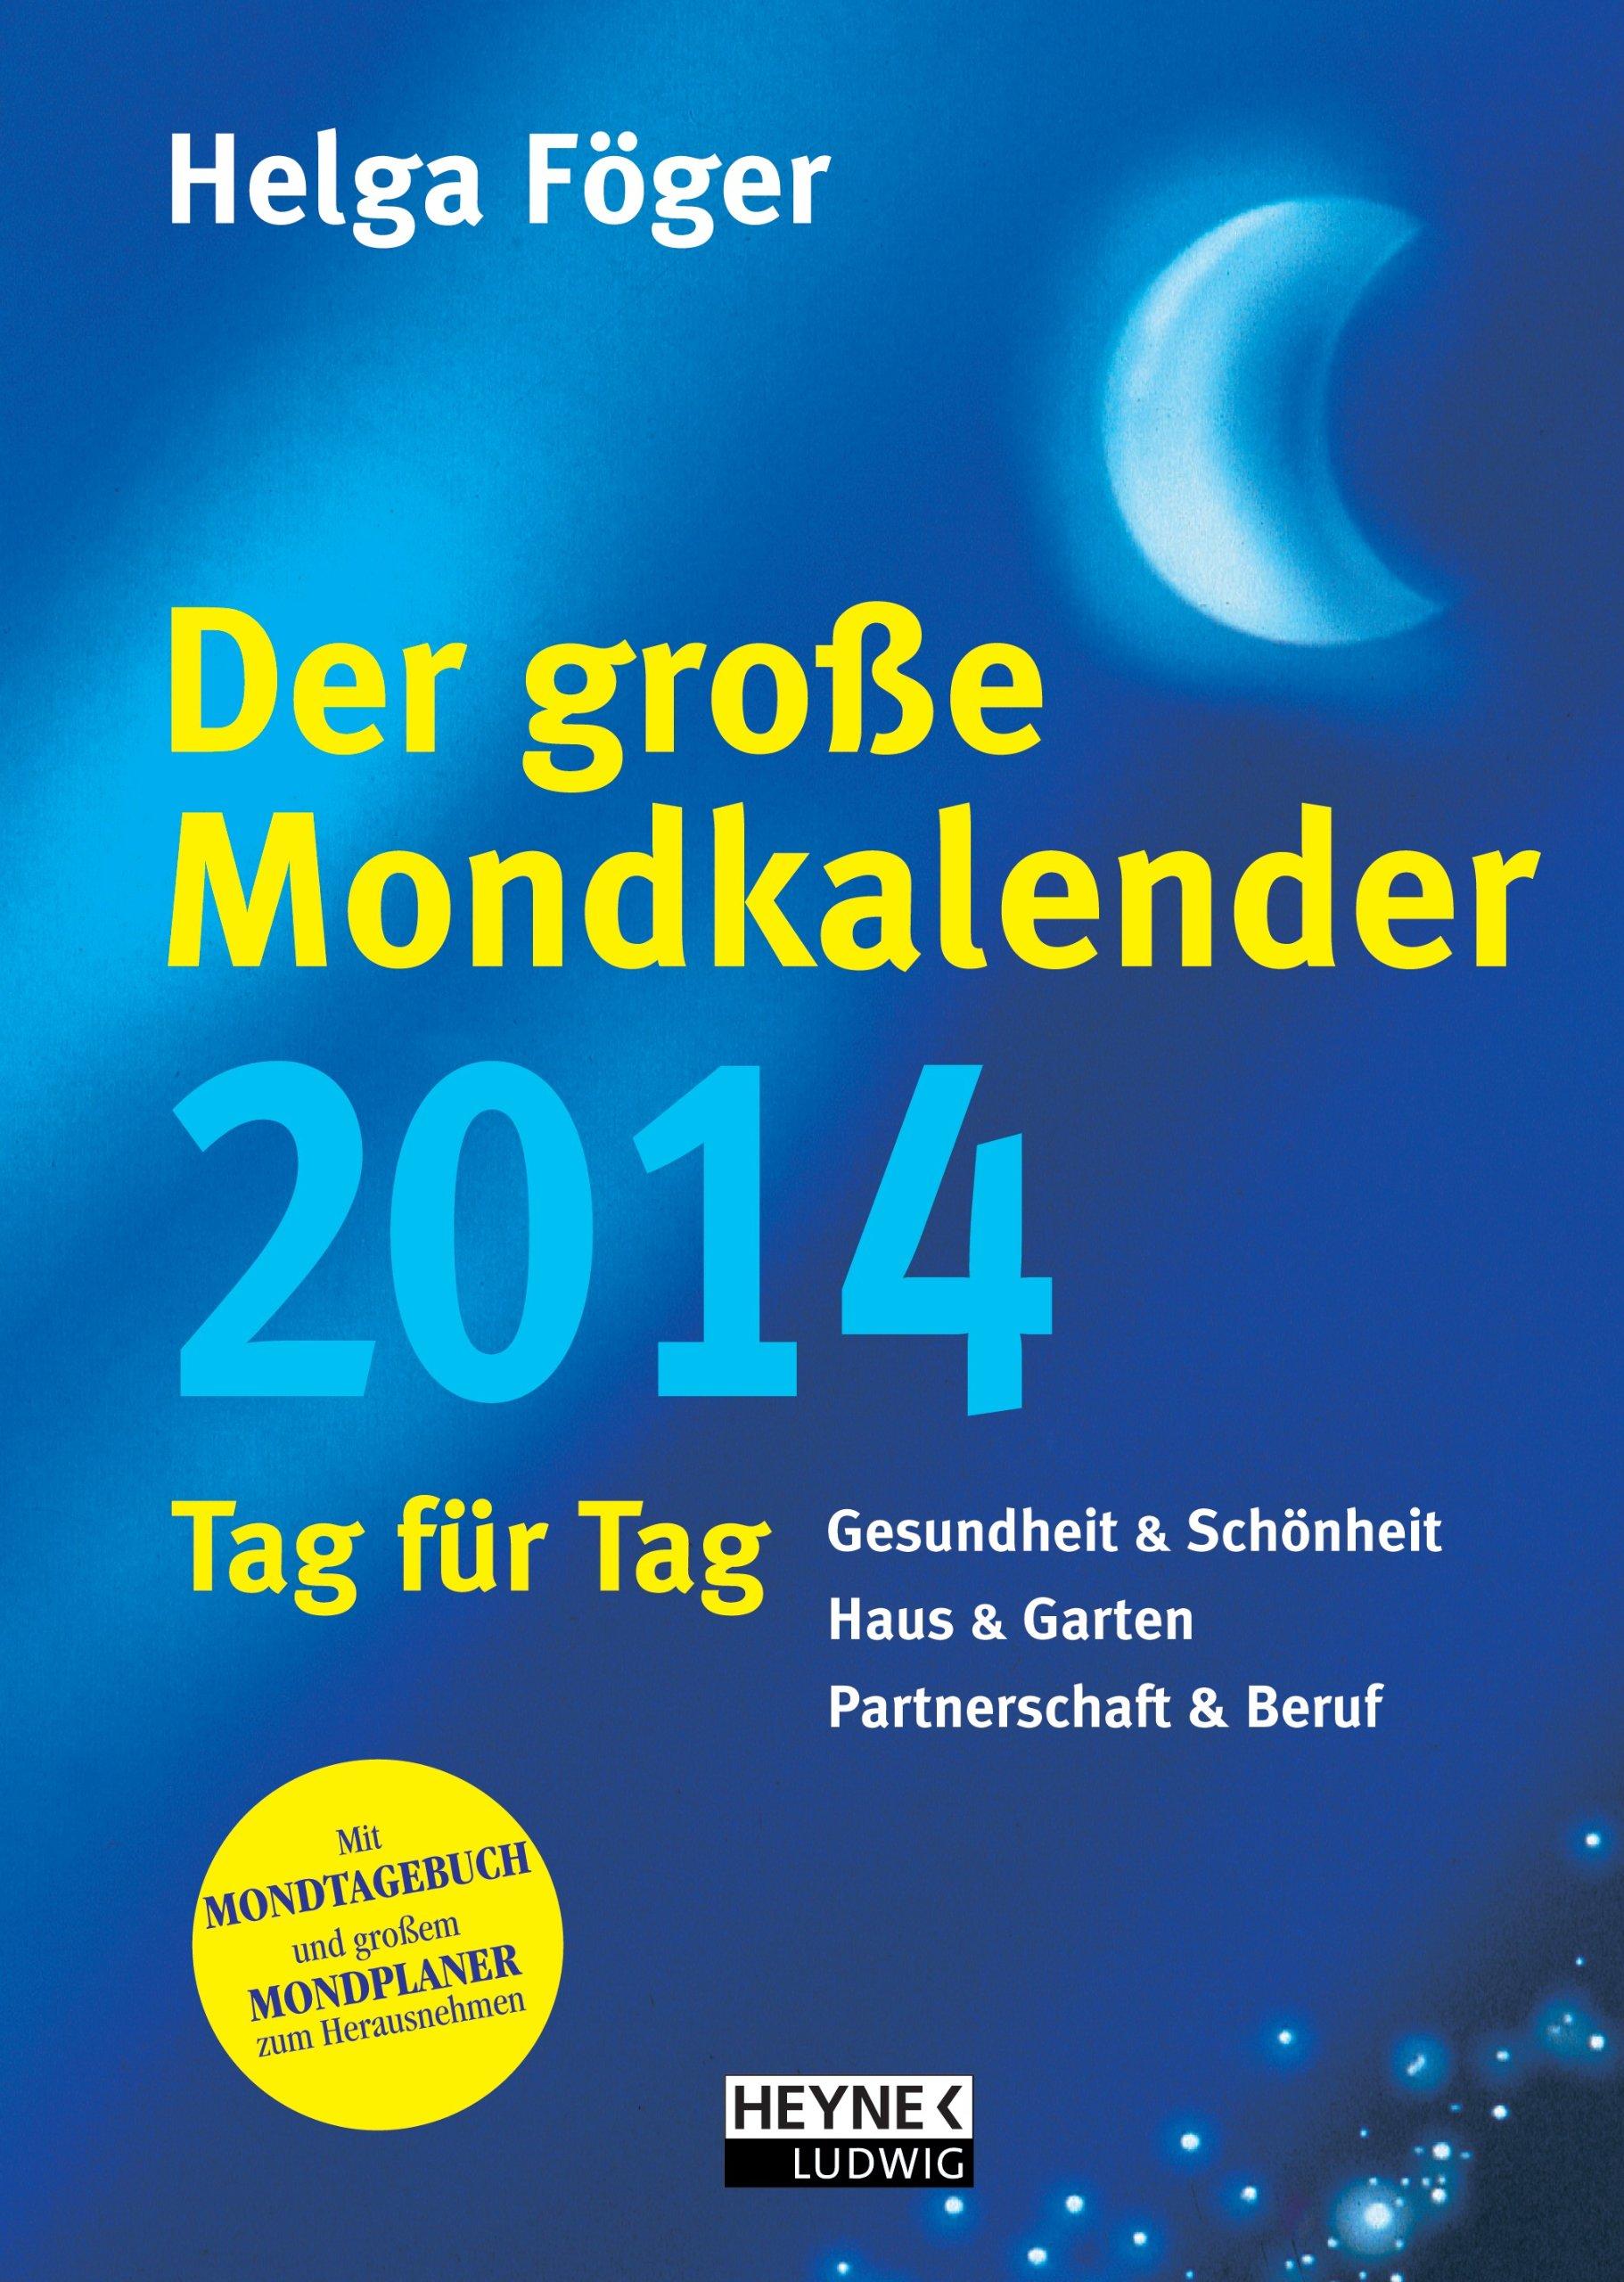 Der große Mondkalender 2014: Kalenderbuch mit Mondposter und Booklet